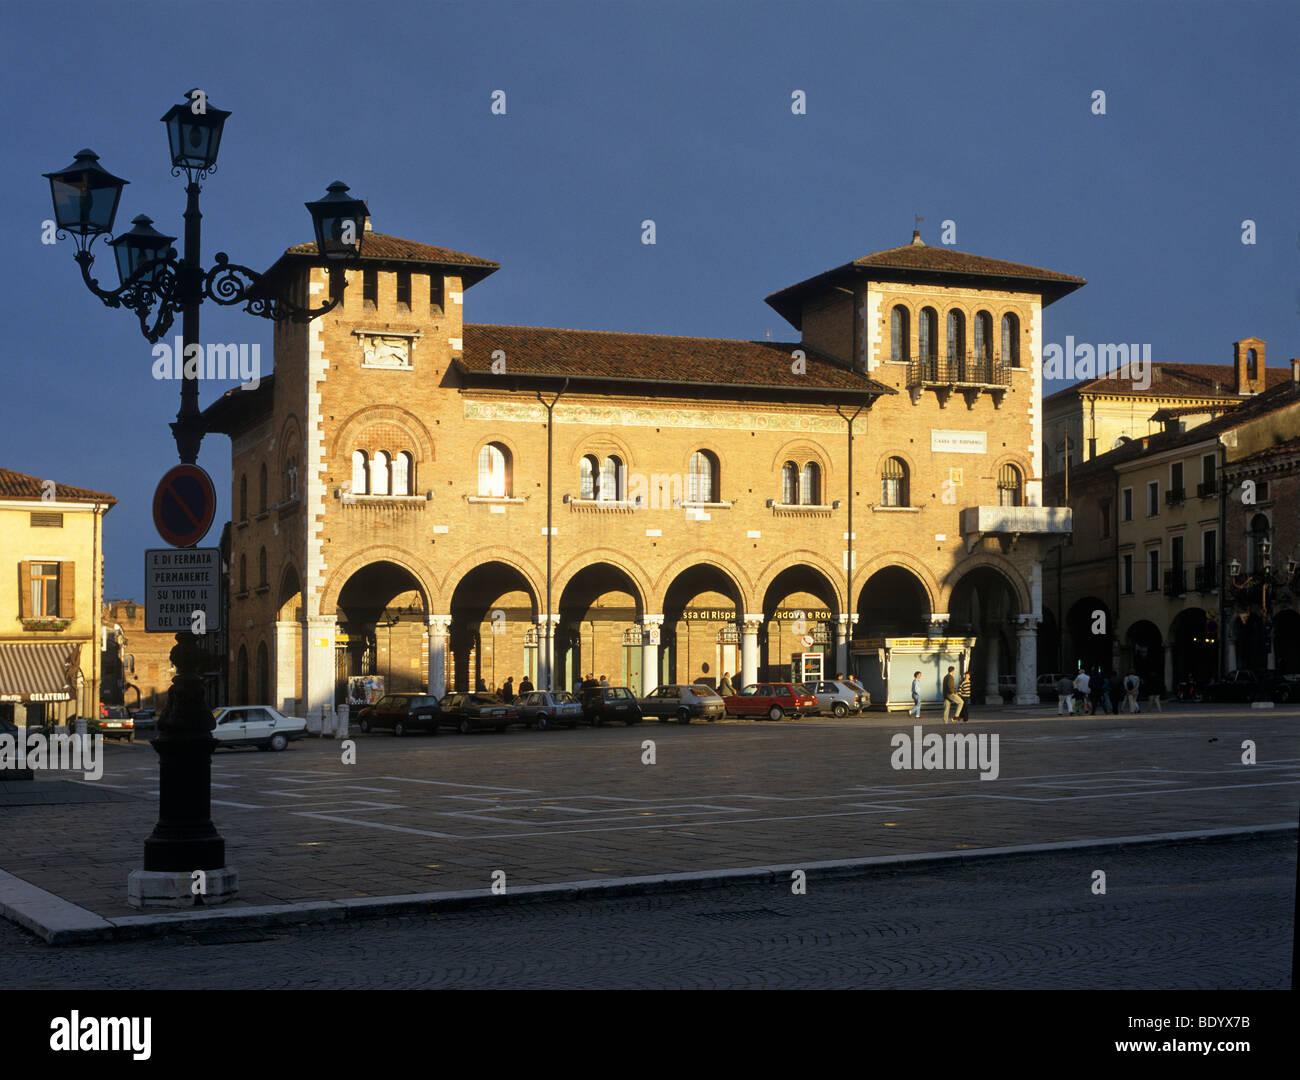 Venetian palace, Piazza Maggiore, Montagnana, Veneto, Italy, Europe - Stock Image